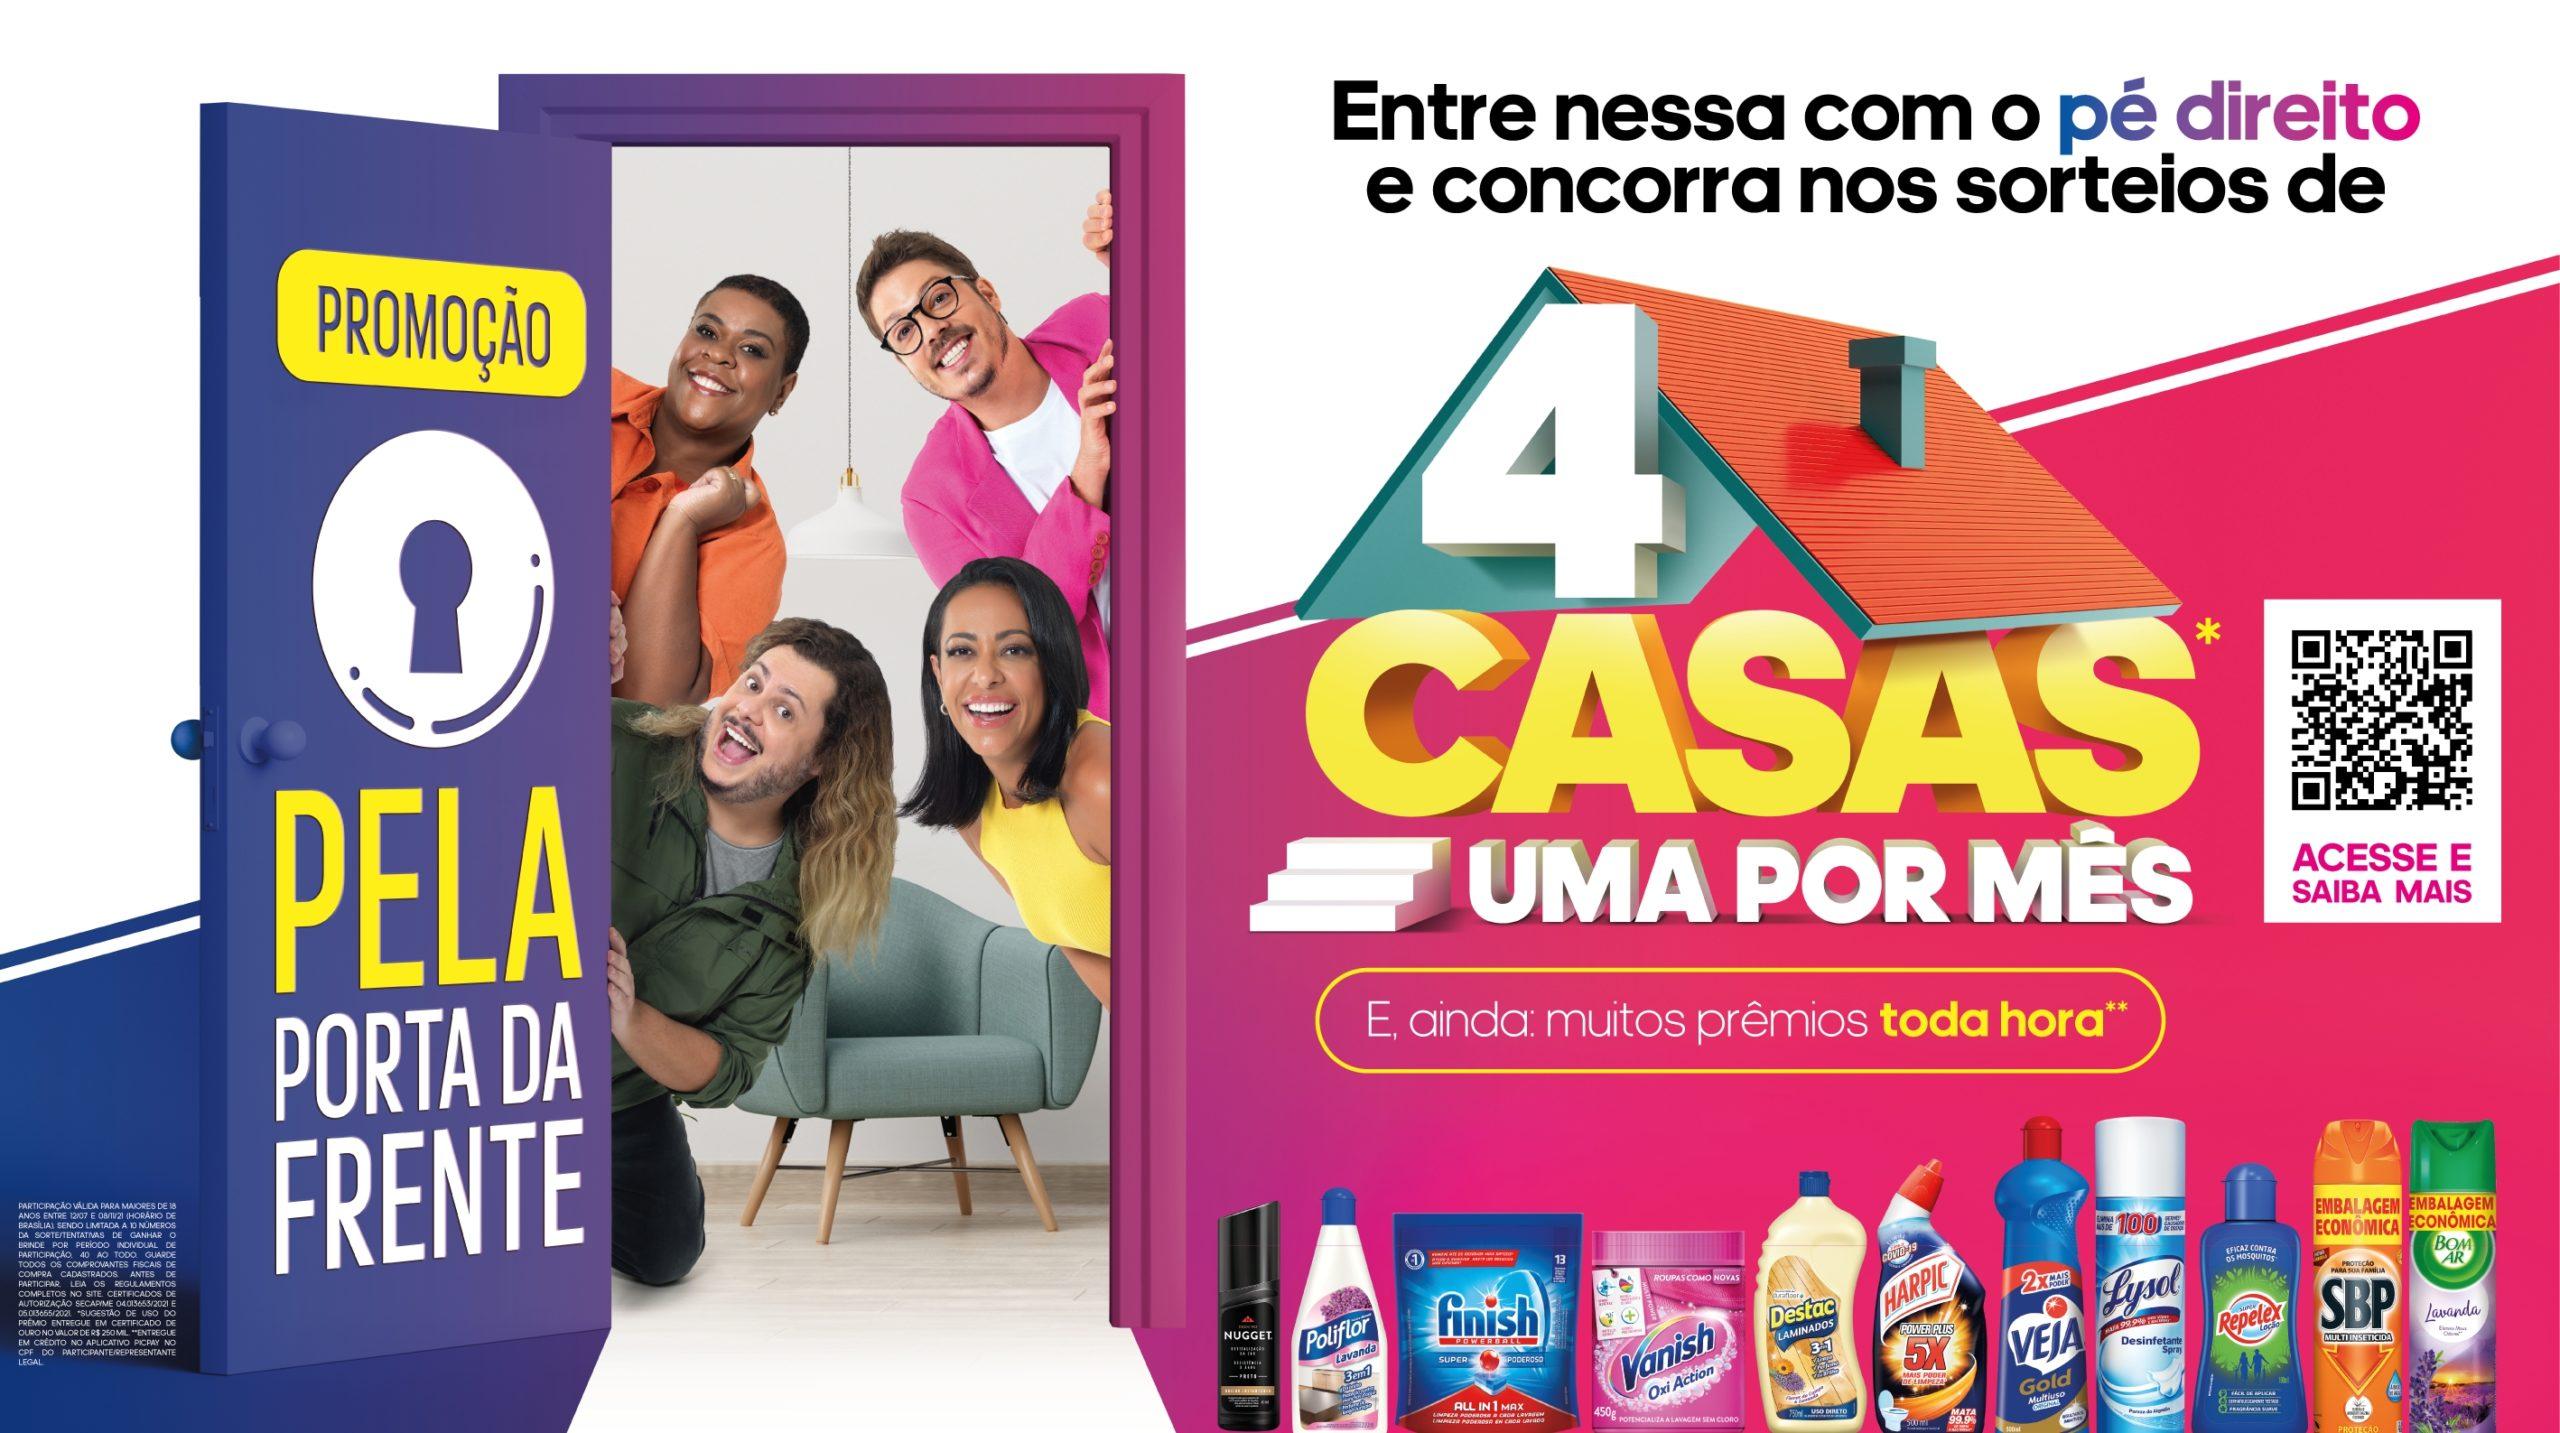 """Promoção """"Pela Porta da Frente"""" da Reckitt Hygiene vai sortear quatro casas e prêmios de até R$ 1 mil a cada hora"""